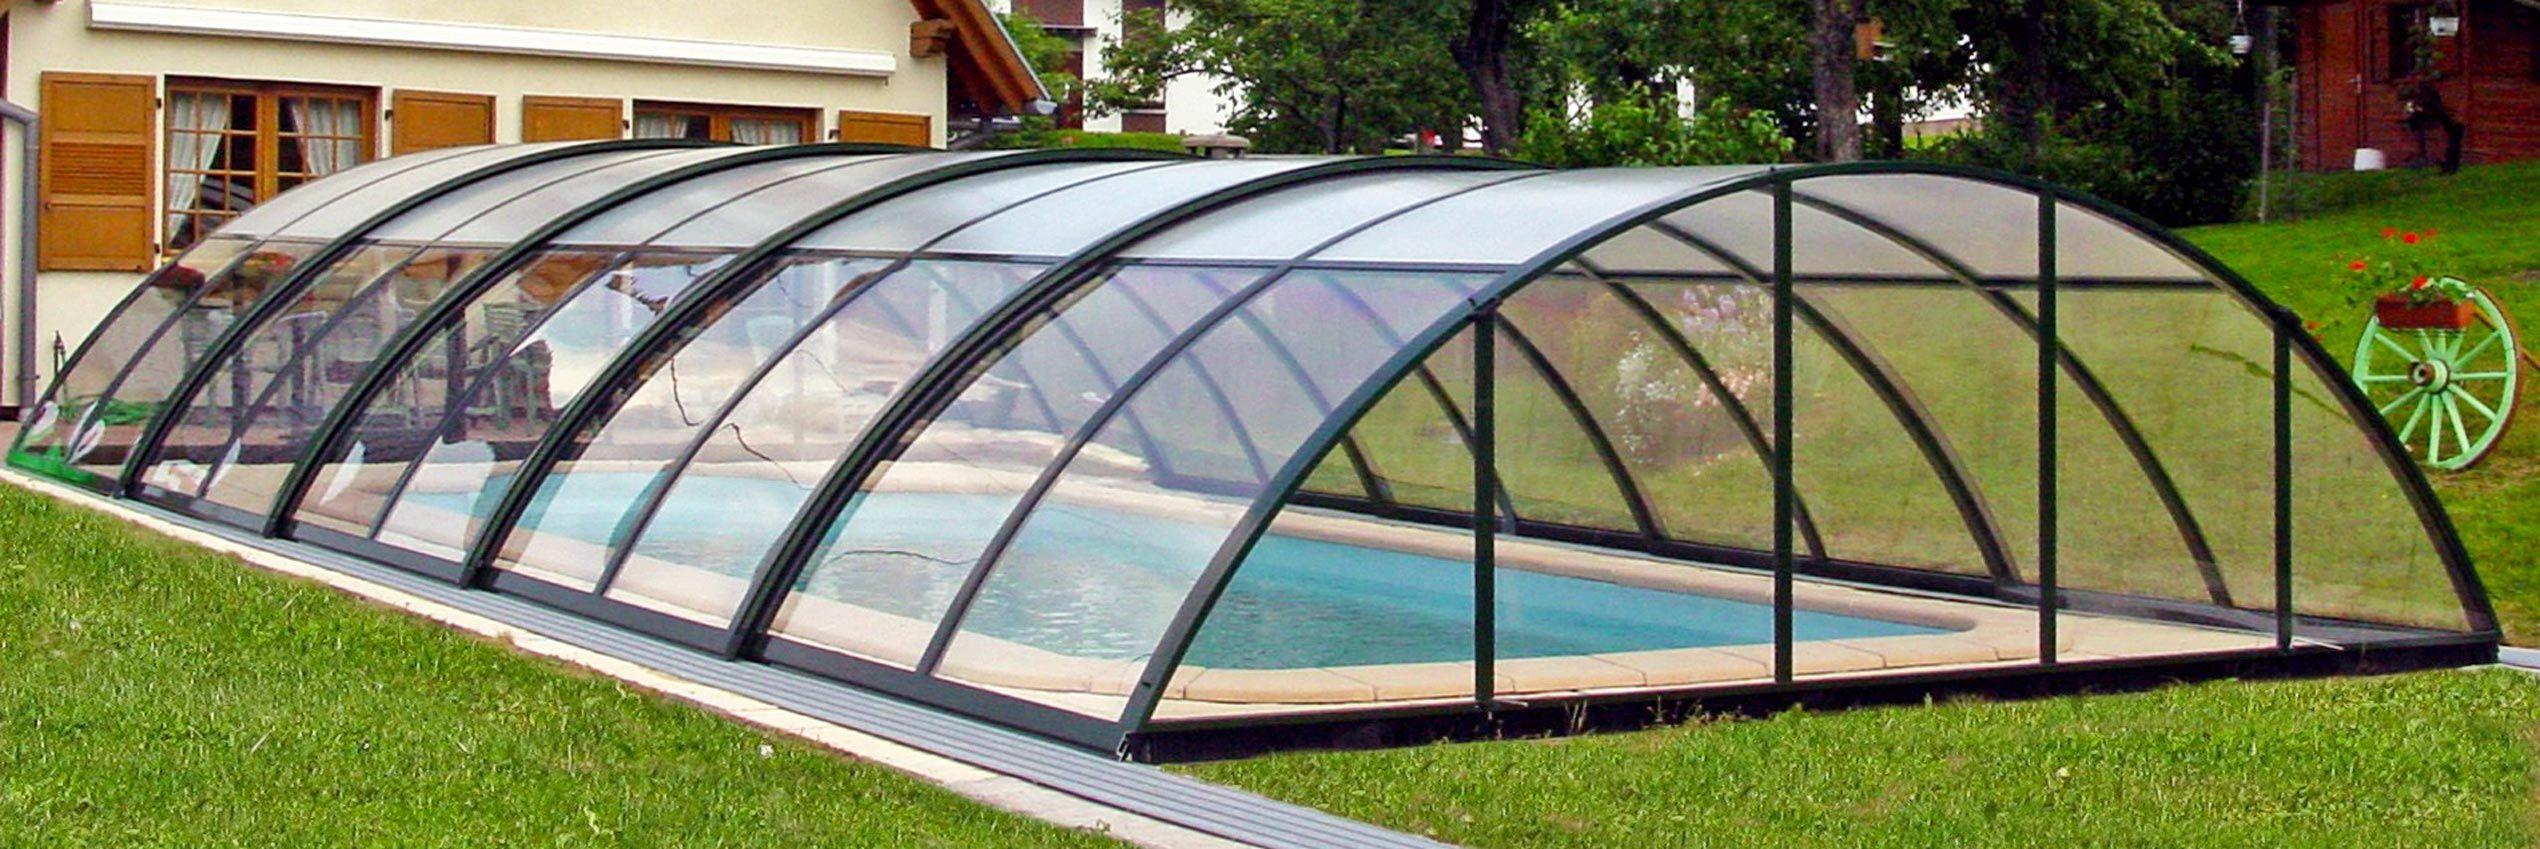 Closed retractable pool enclosure Universe Neo